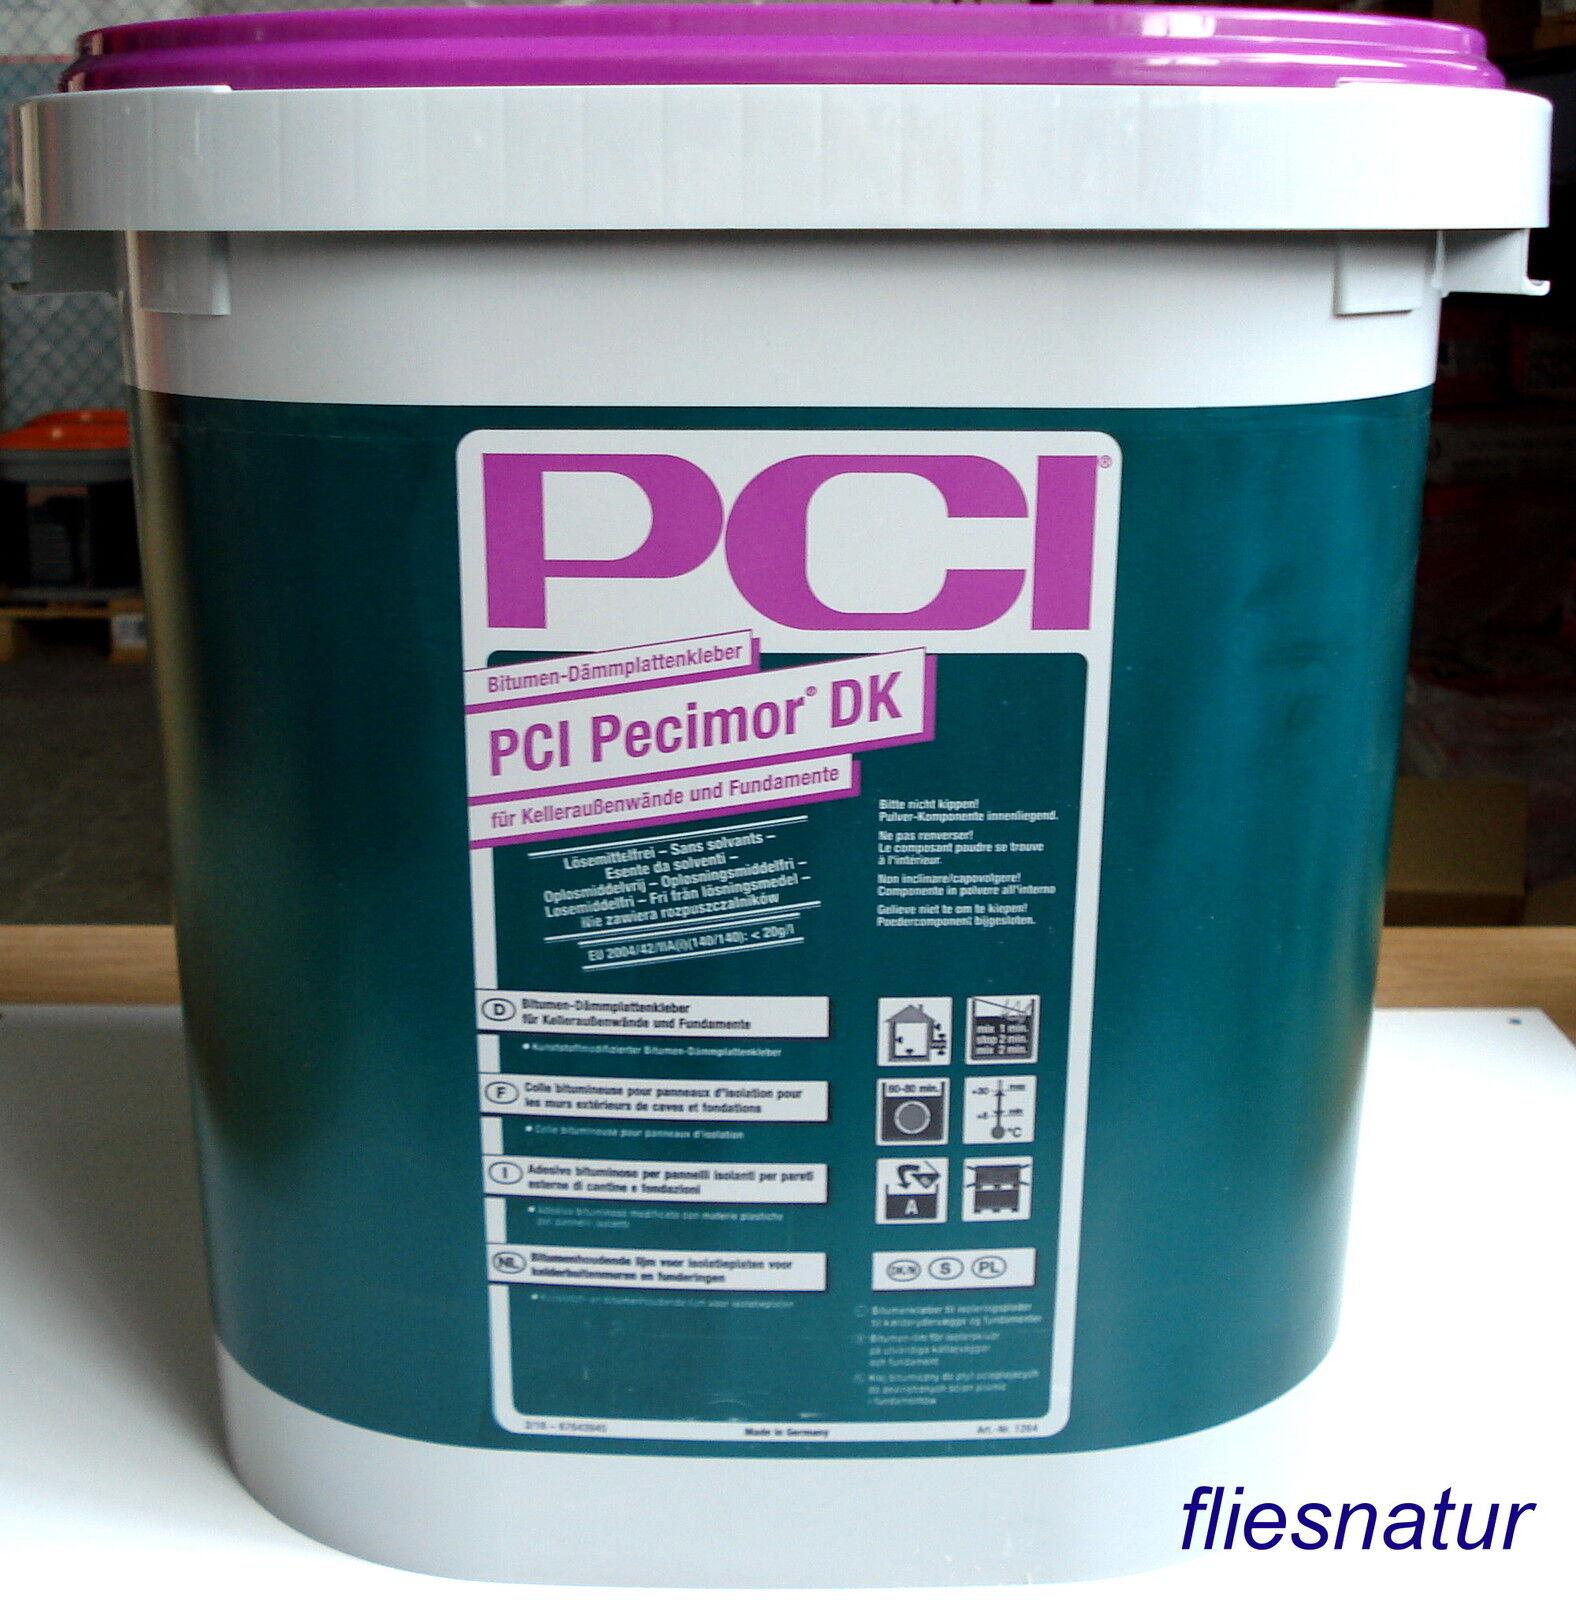 PCI Pecimor DK 28L Bitumen Dämmplattenkleber Kelleraußenwände Fundament/L